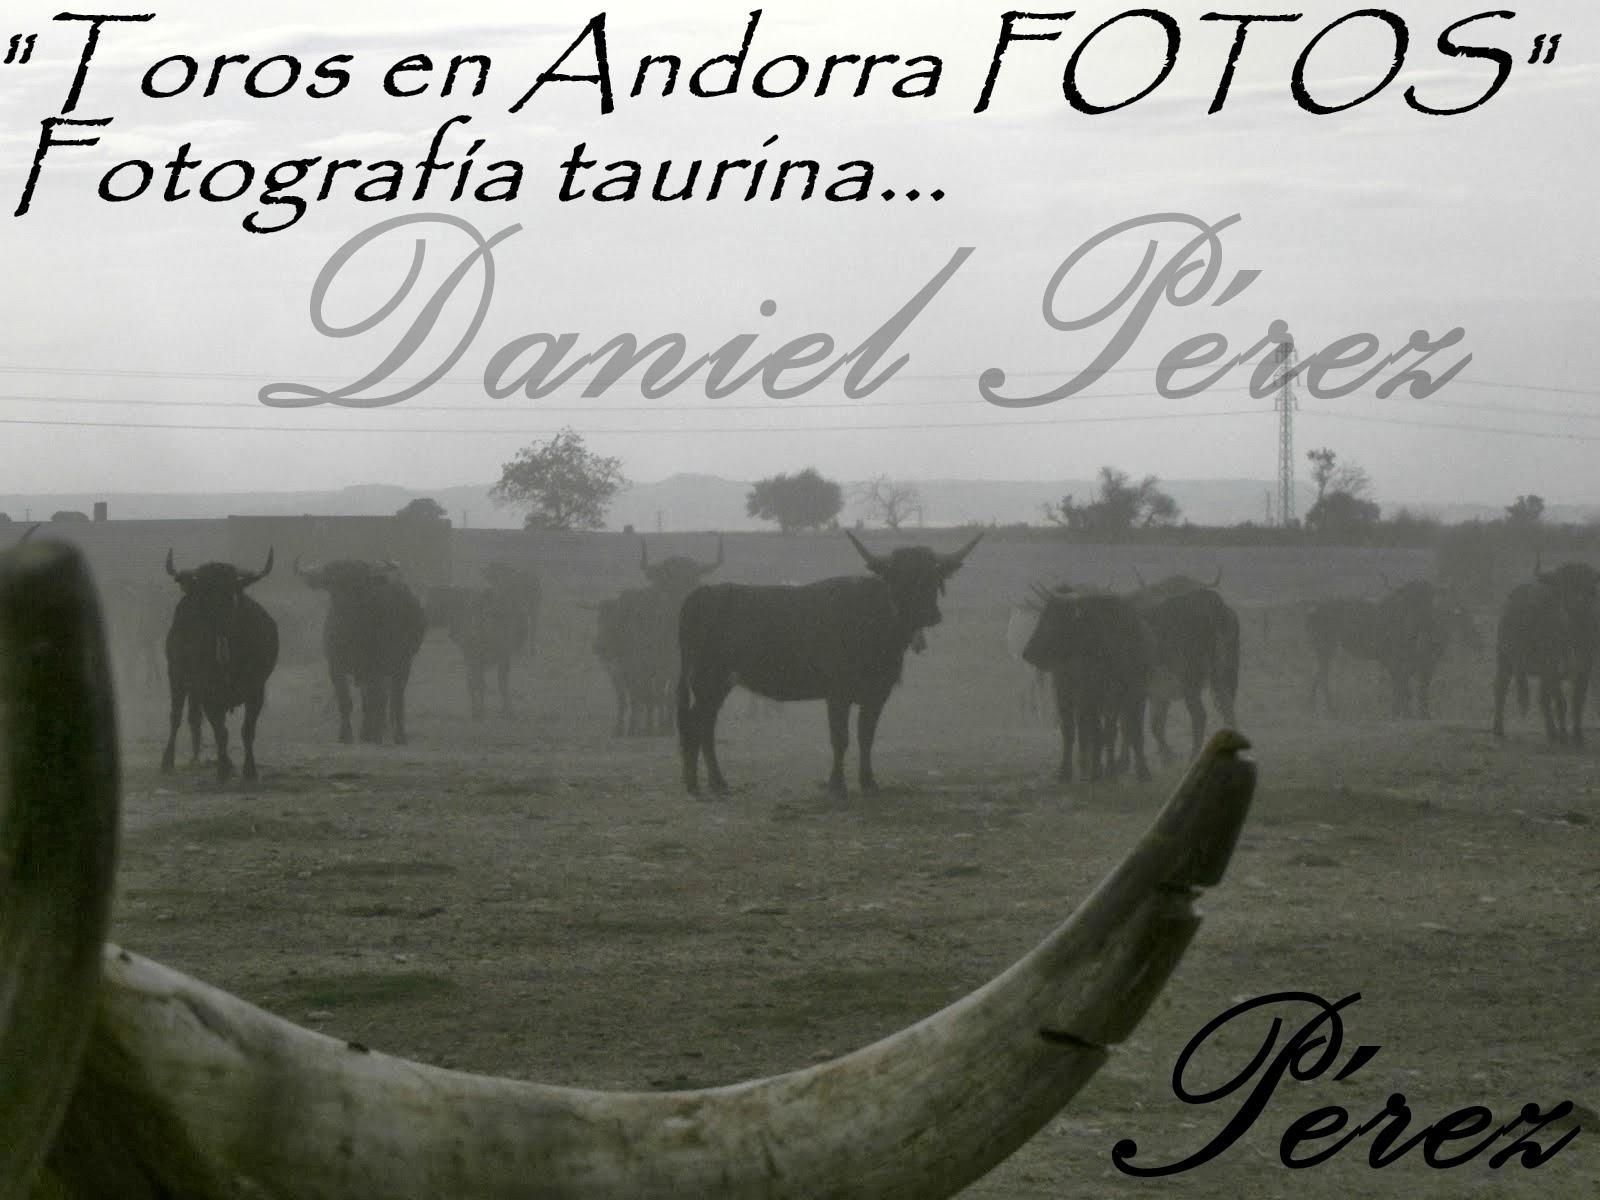 Toros en Andorra Fotos